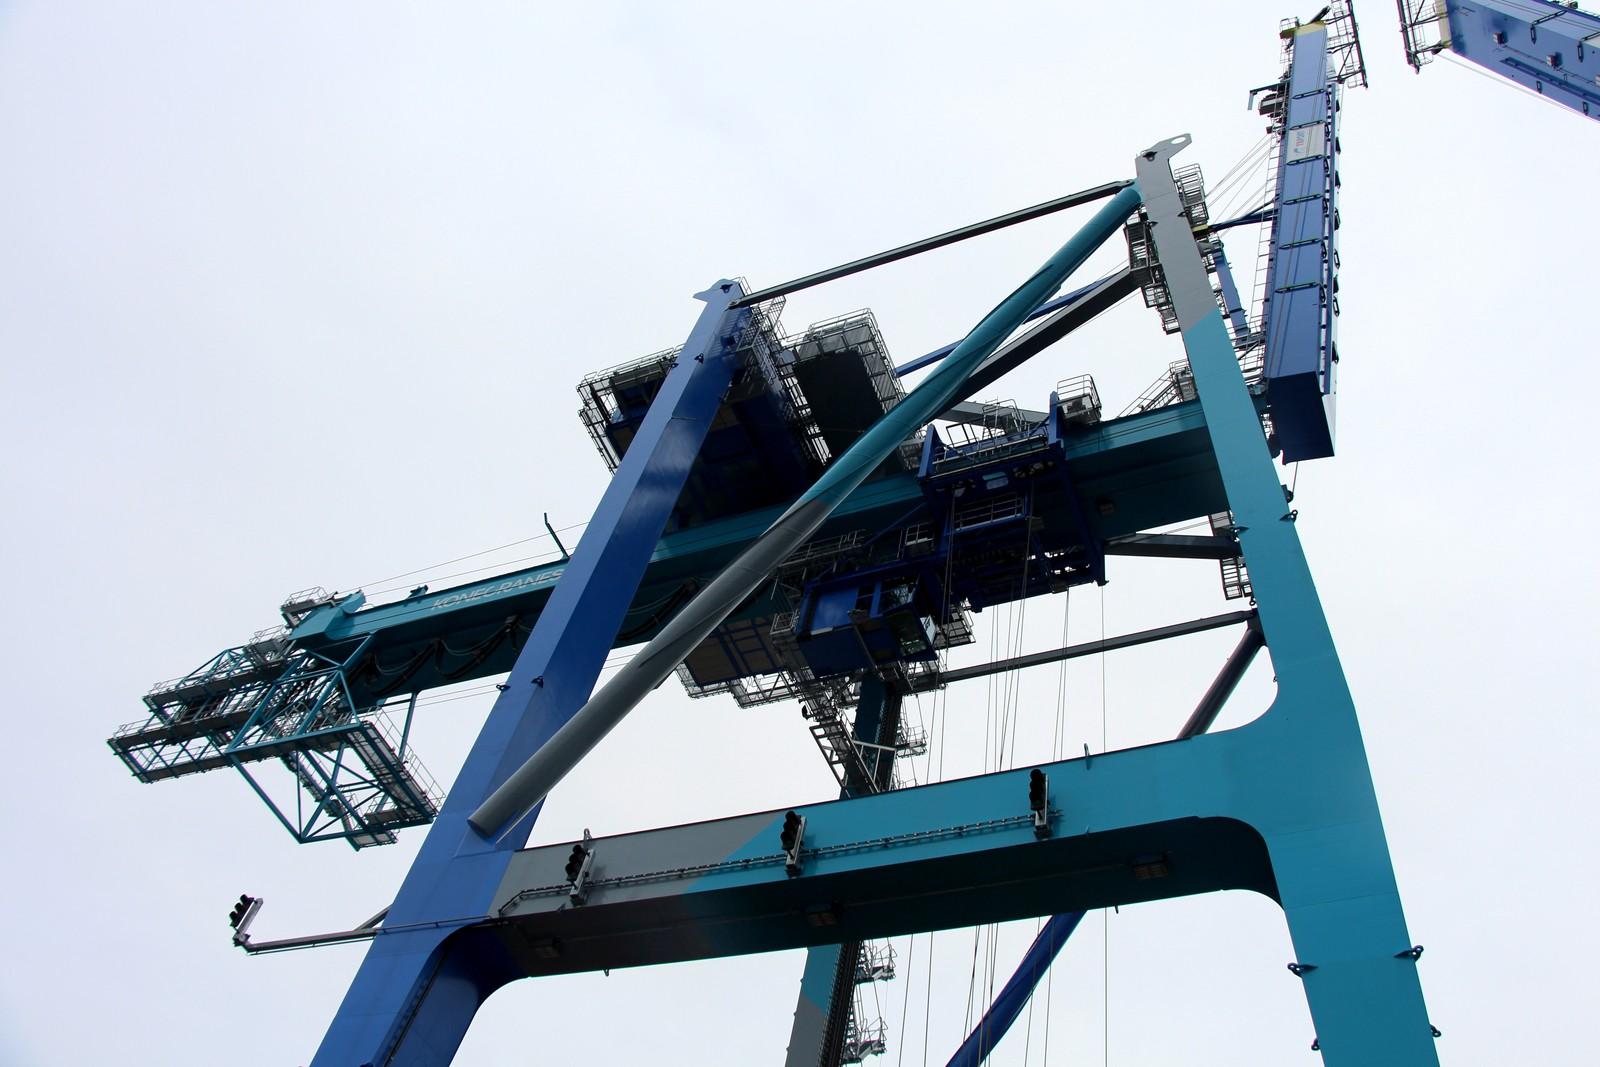 Kranene kan løfte opp til 85 tonn og kan ta imot skip som har 14 conteinere i bredden.